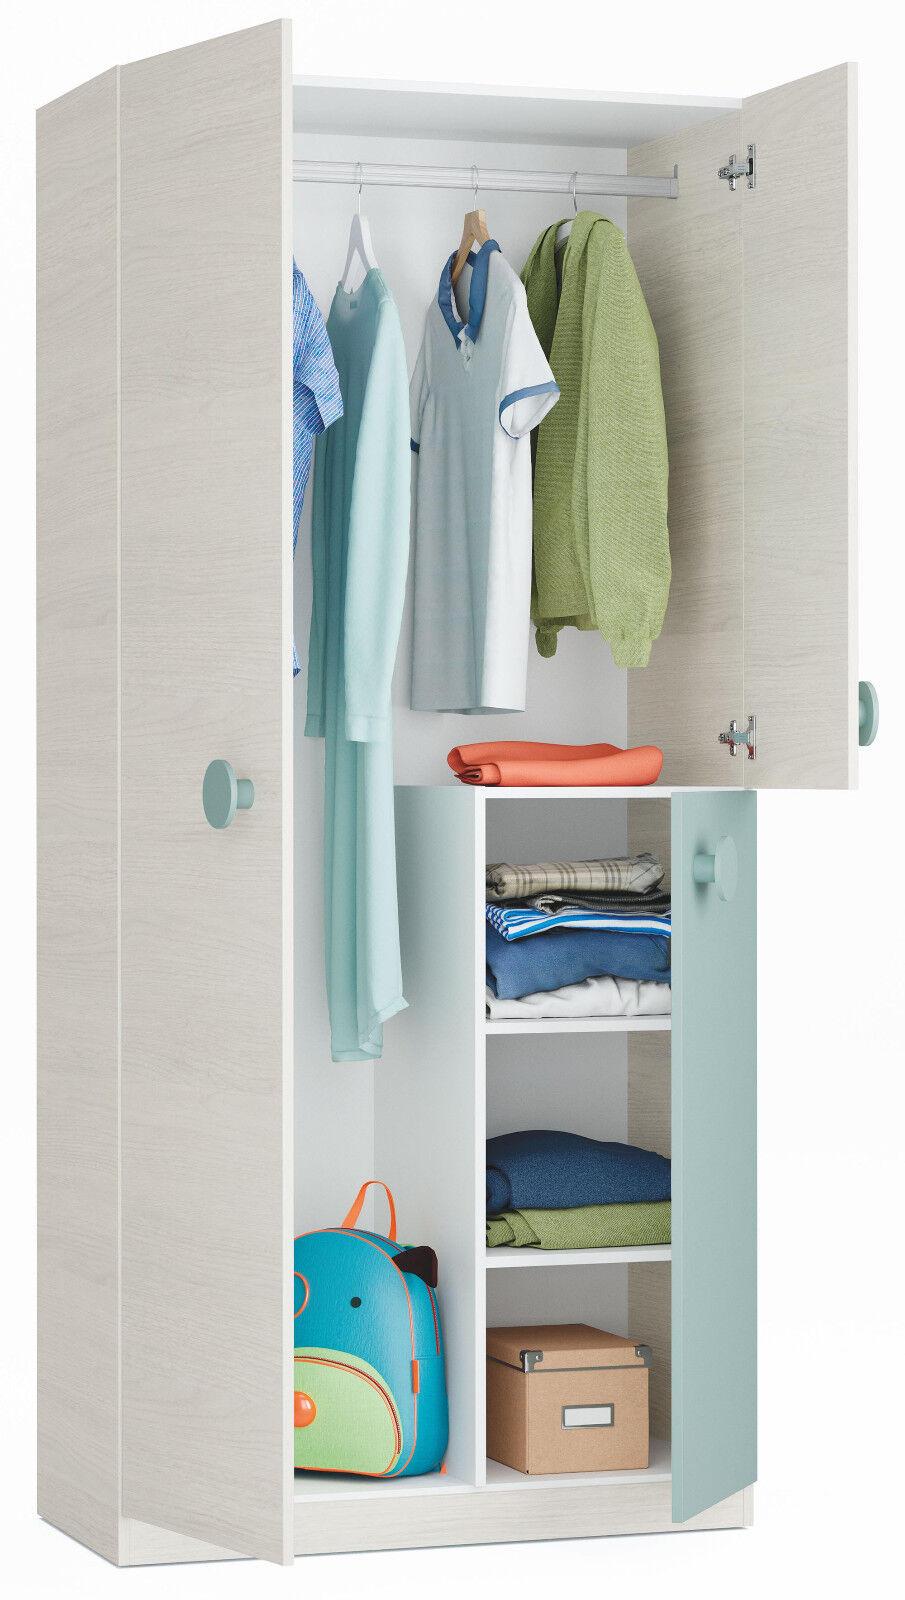 Armario juvenil dormitorio color verde y blanco 3 puertas